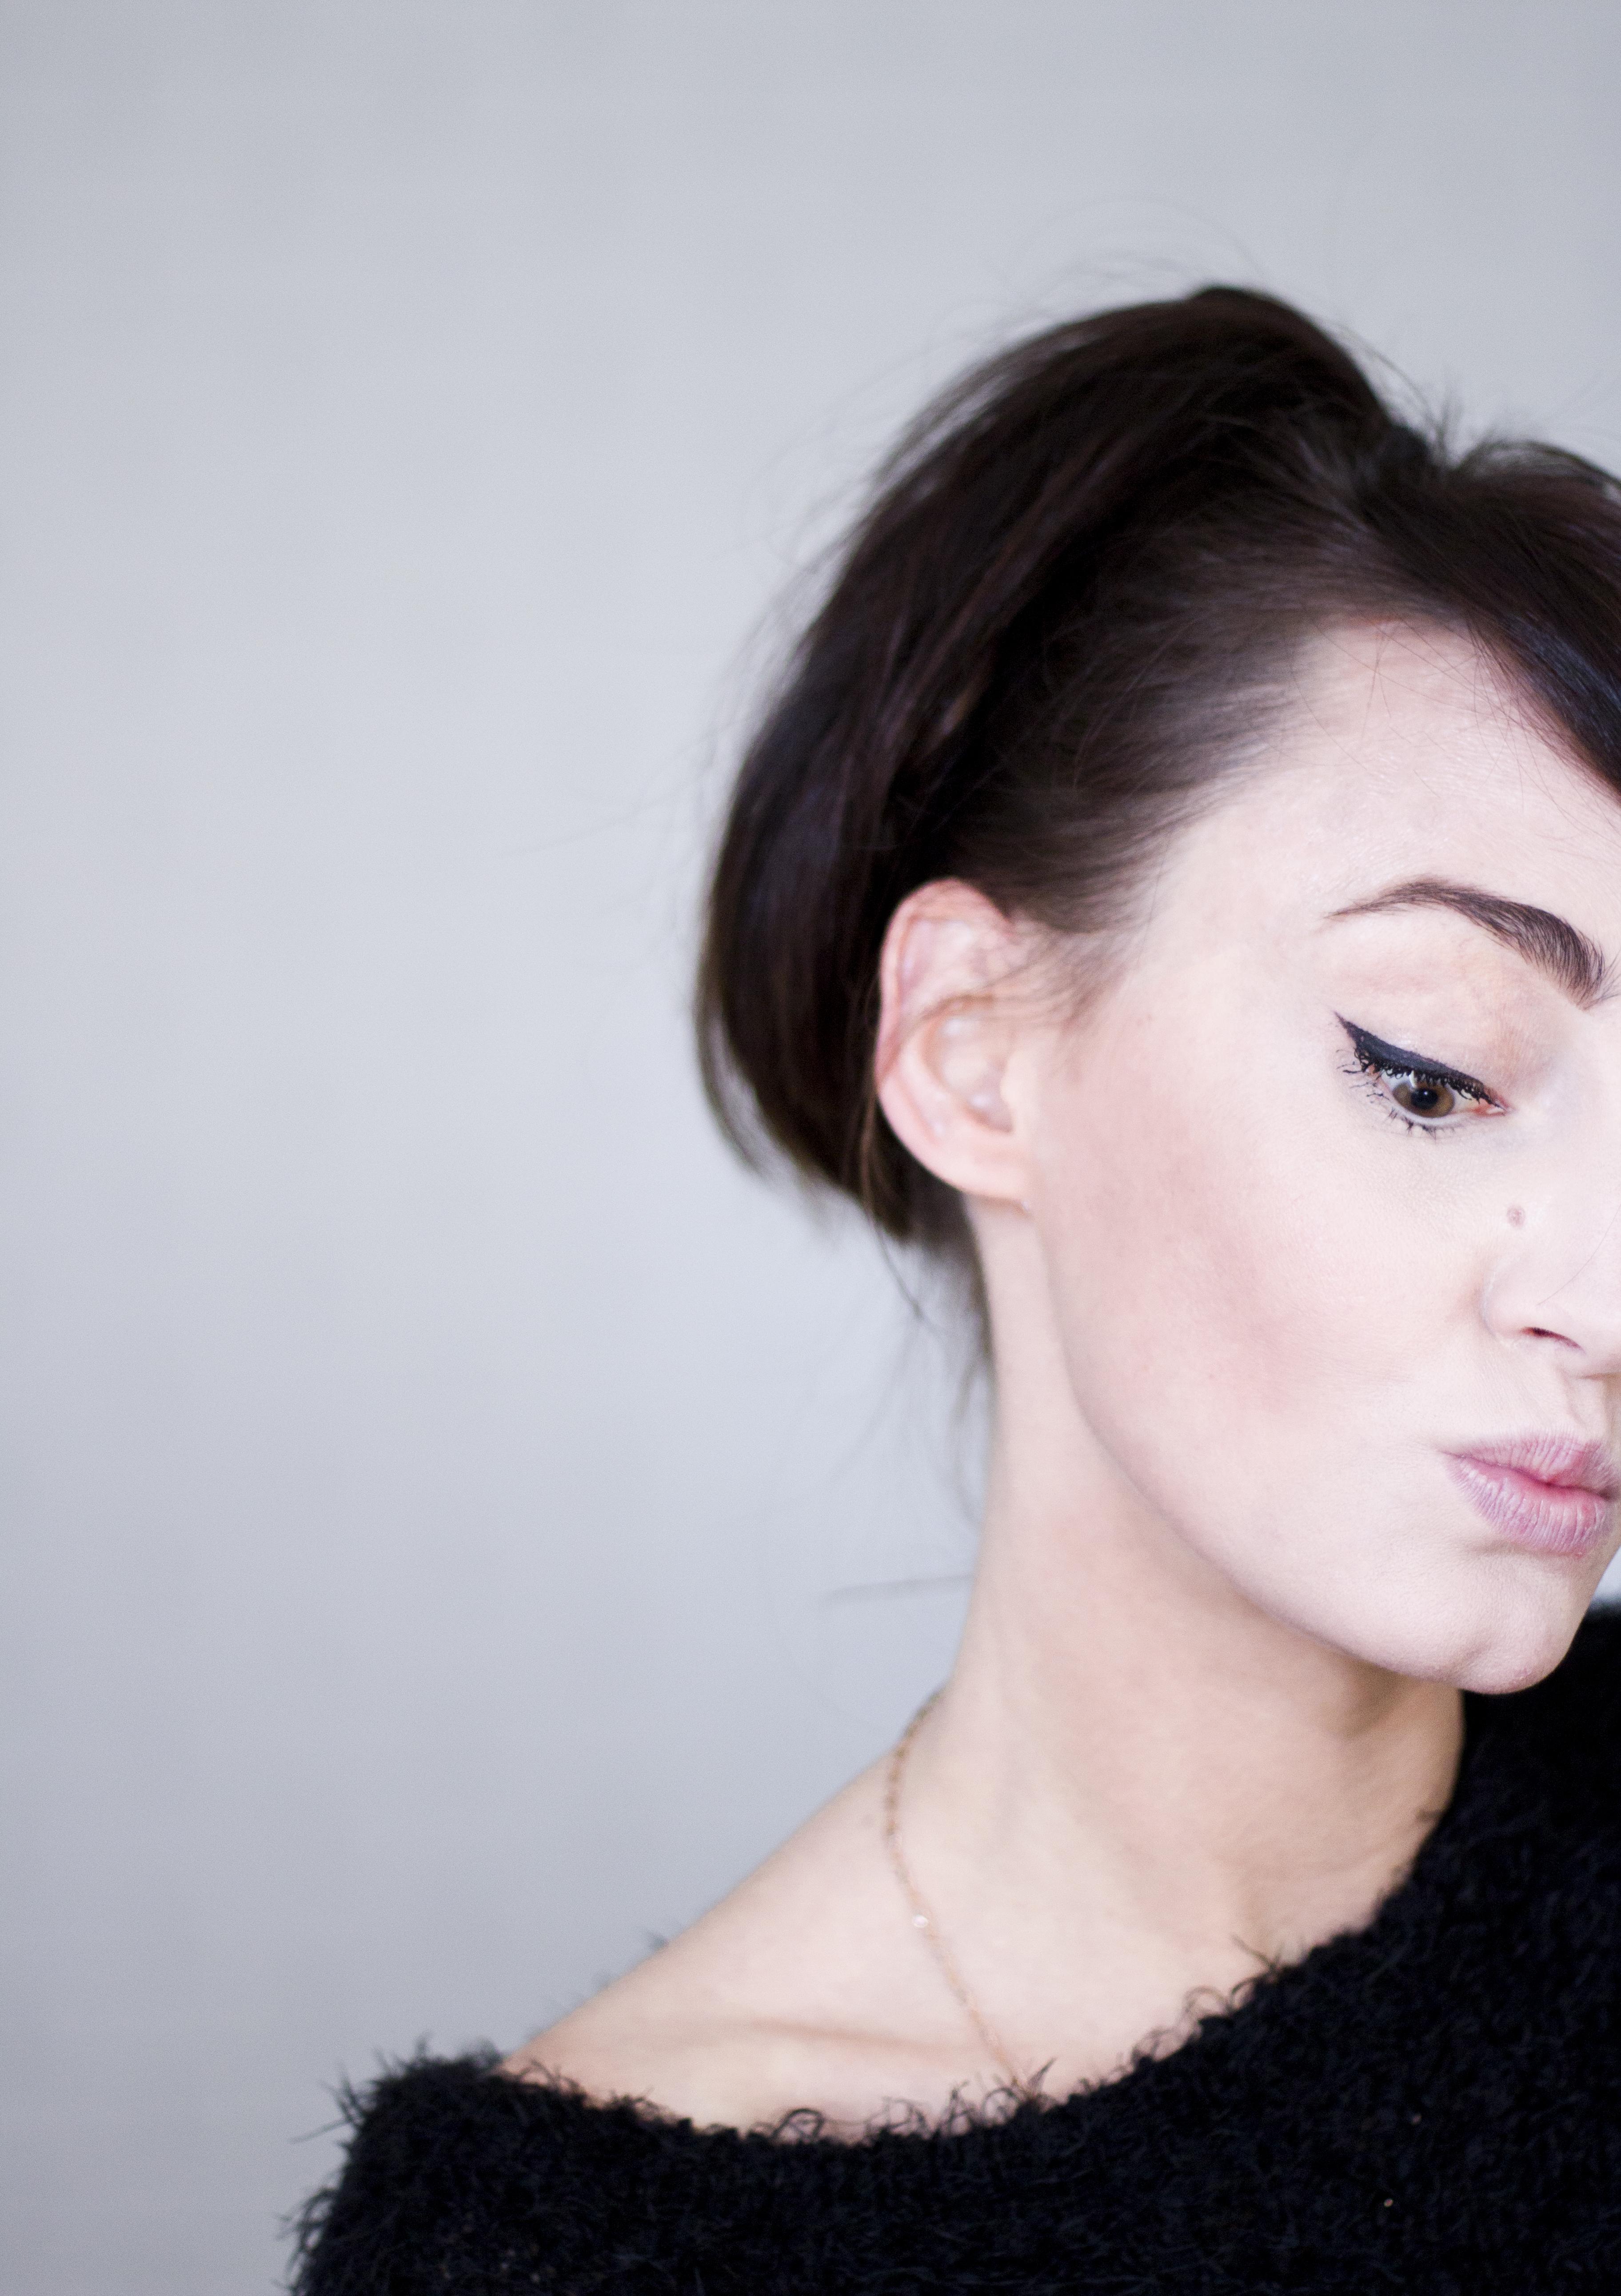 Woman in Black Crew-neck Fleece Top